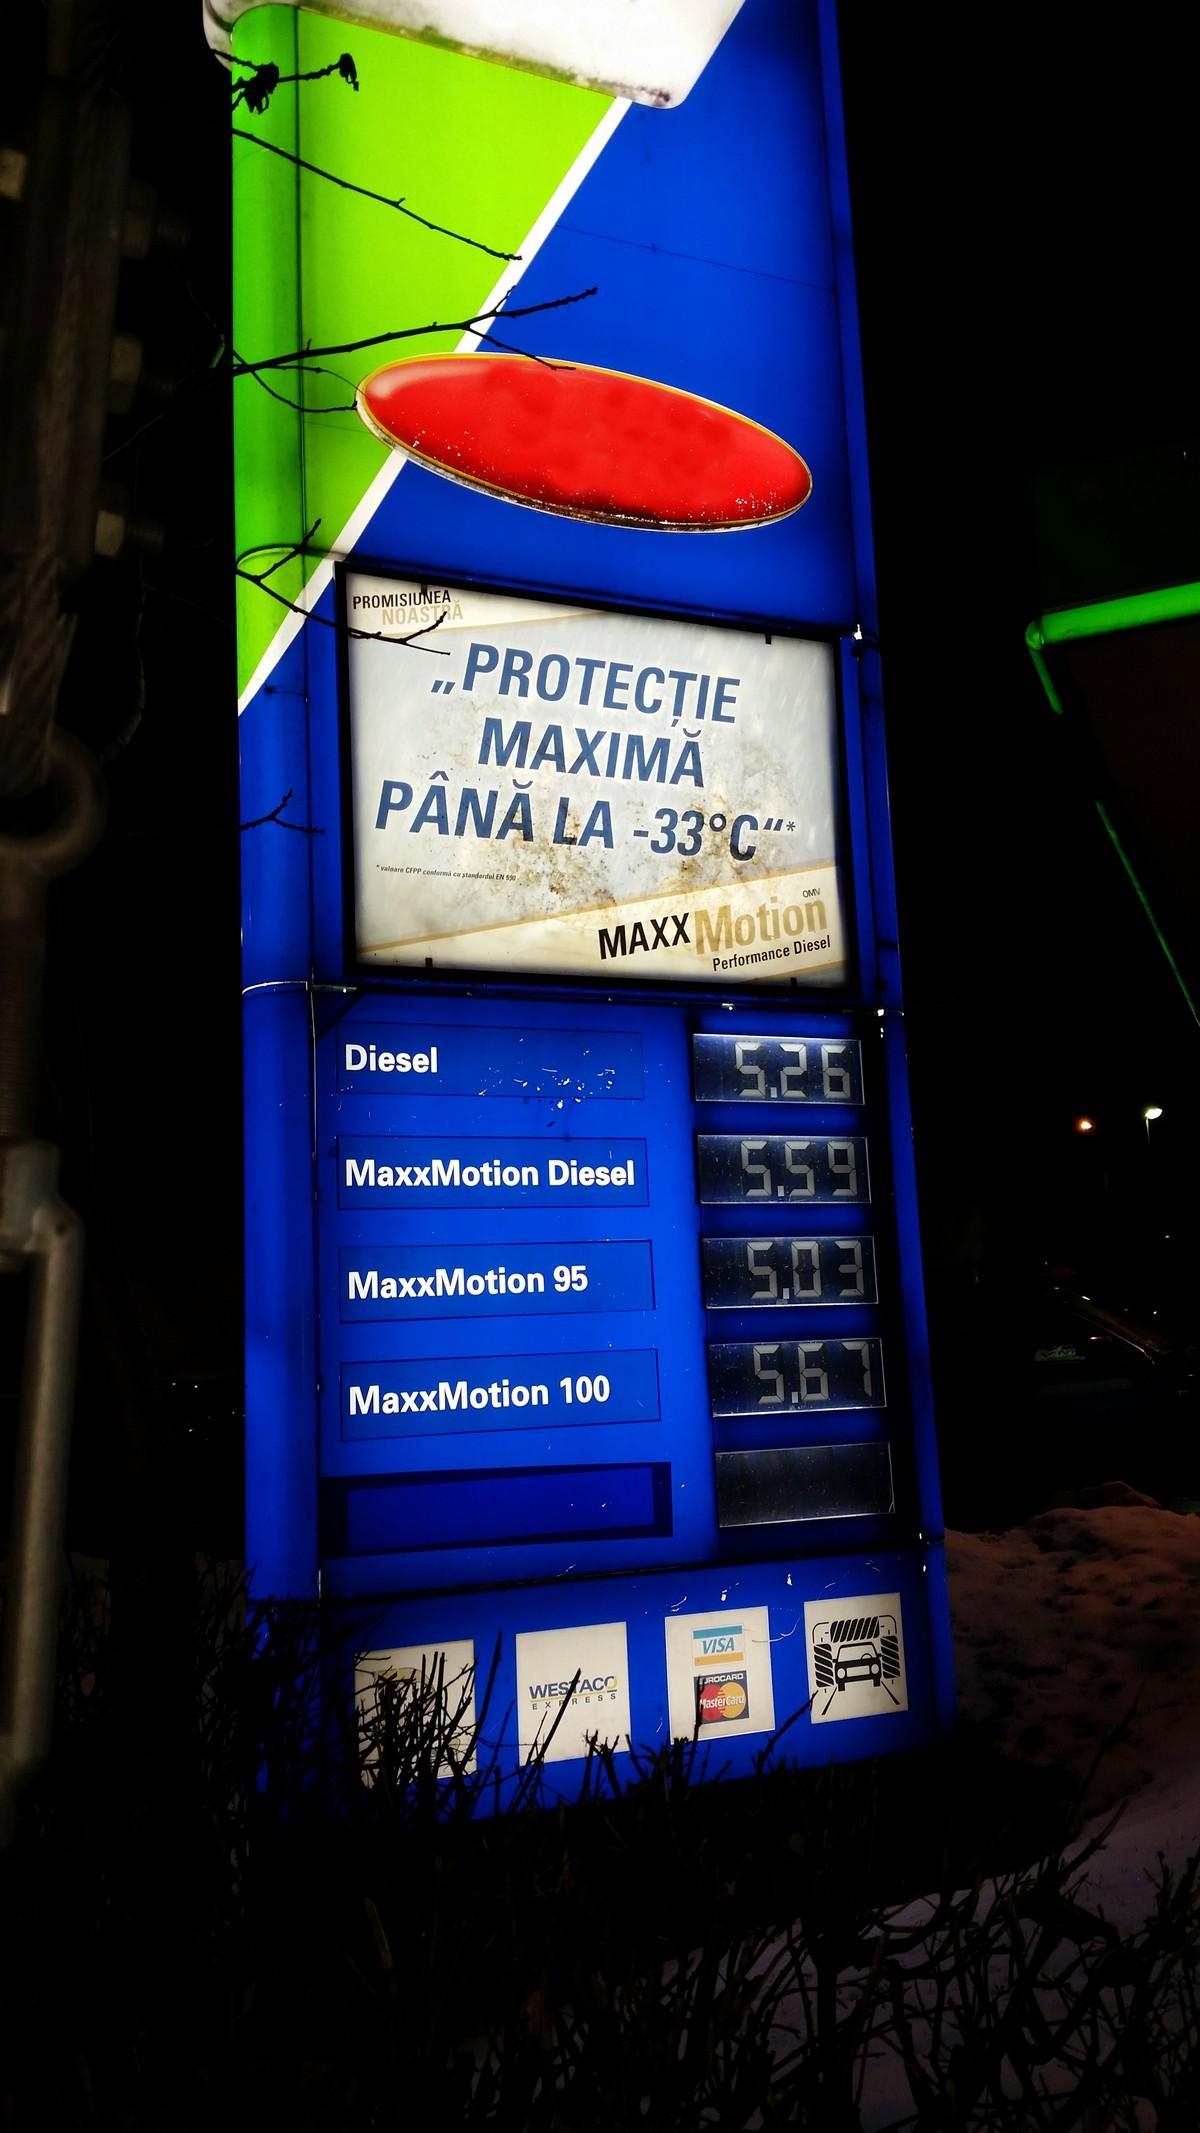 La un pas de iesirea din Bucuresti pretul a scazut deja cu cativa bani per litru